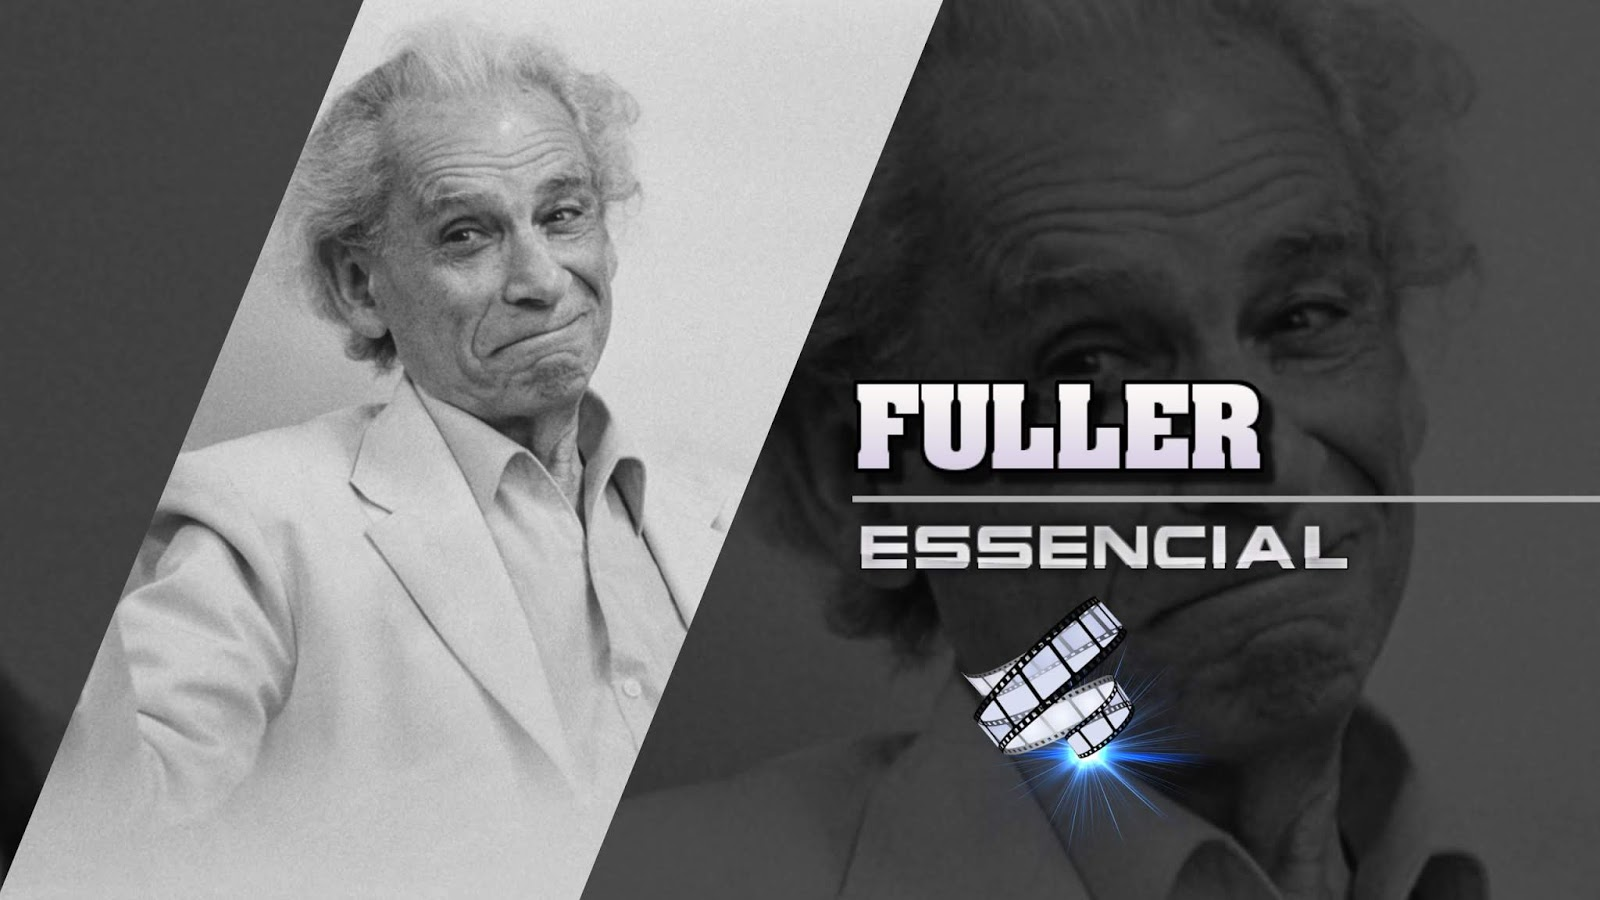 samuel-fuller-10-filmes-essenciais